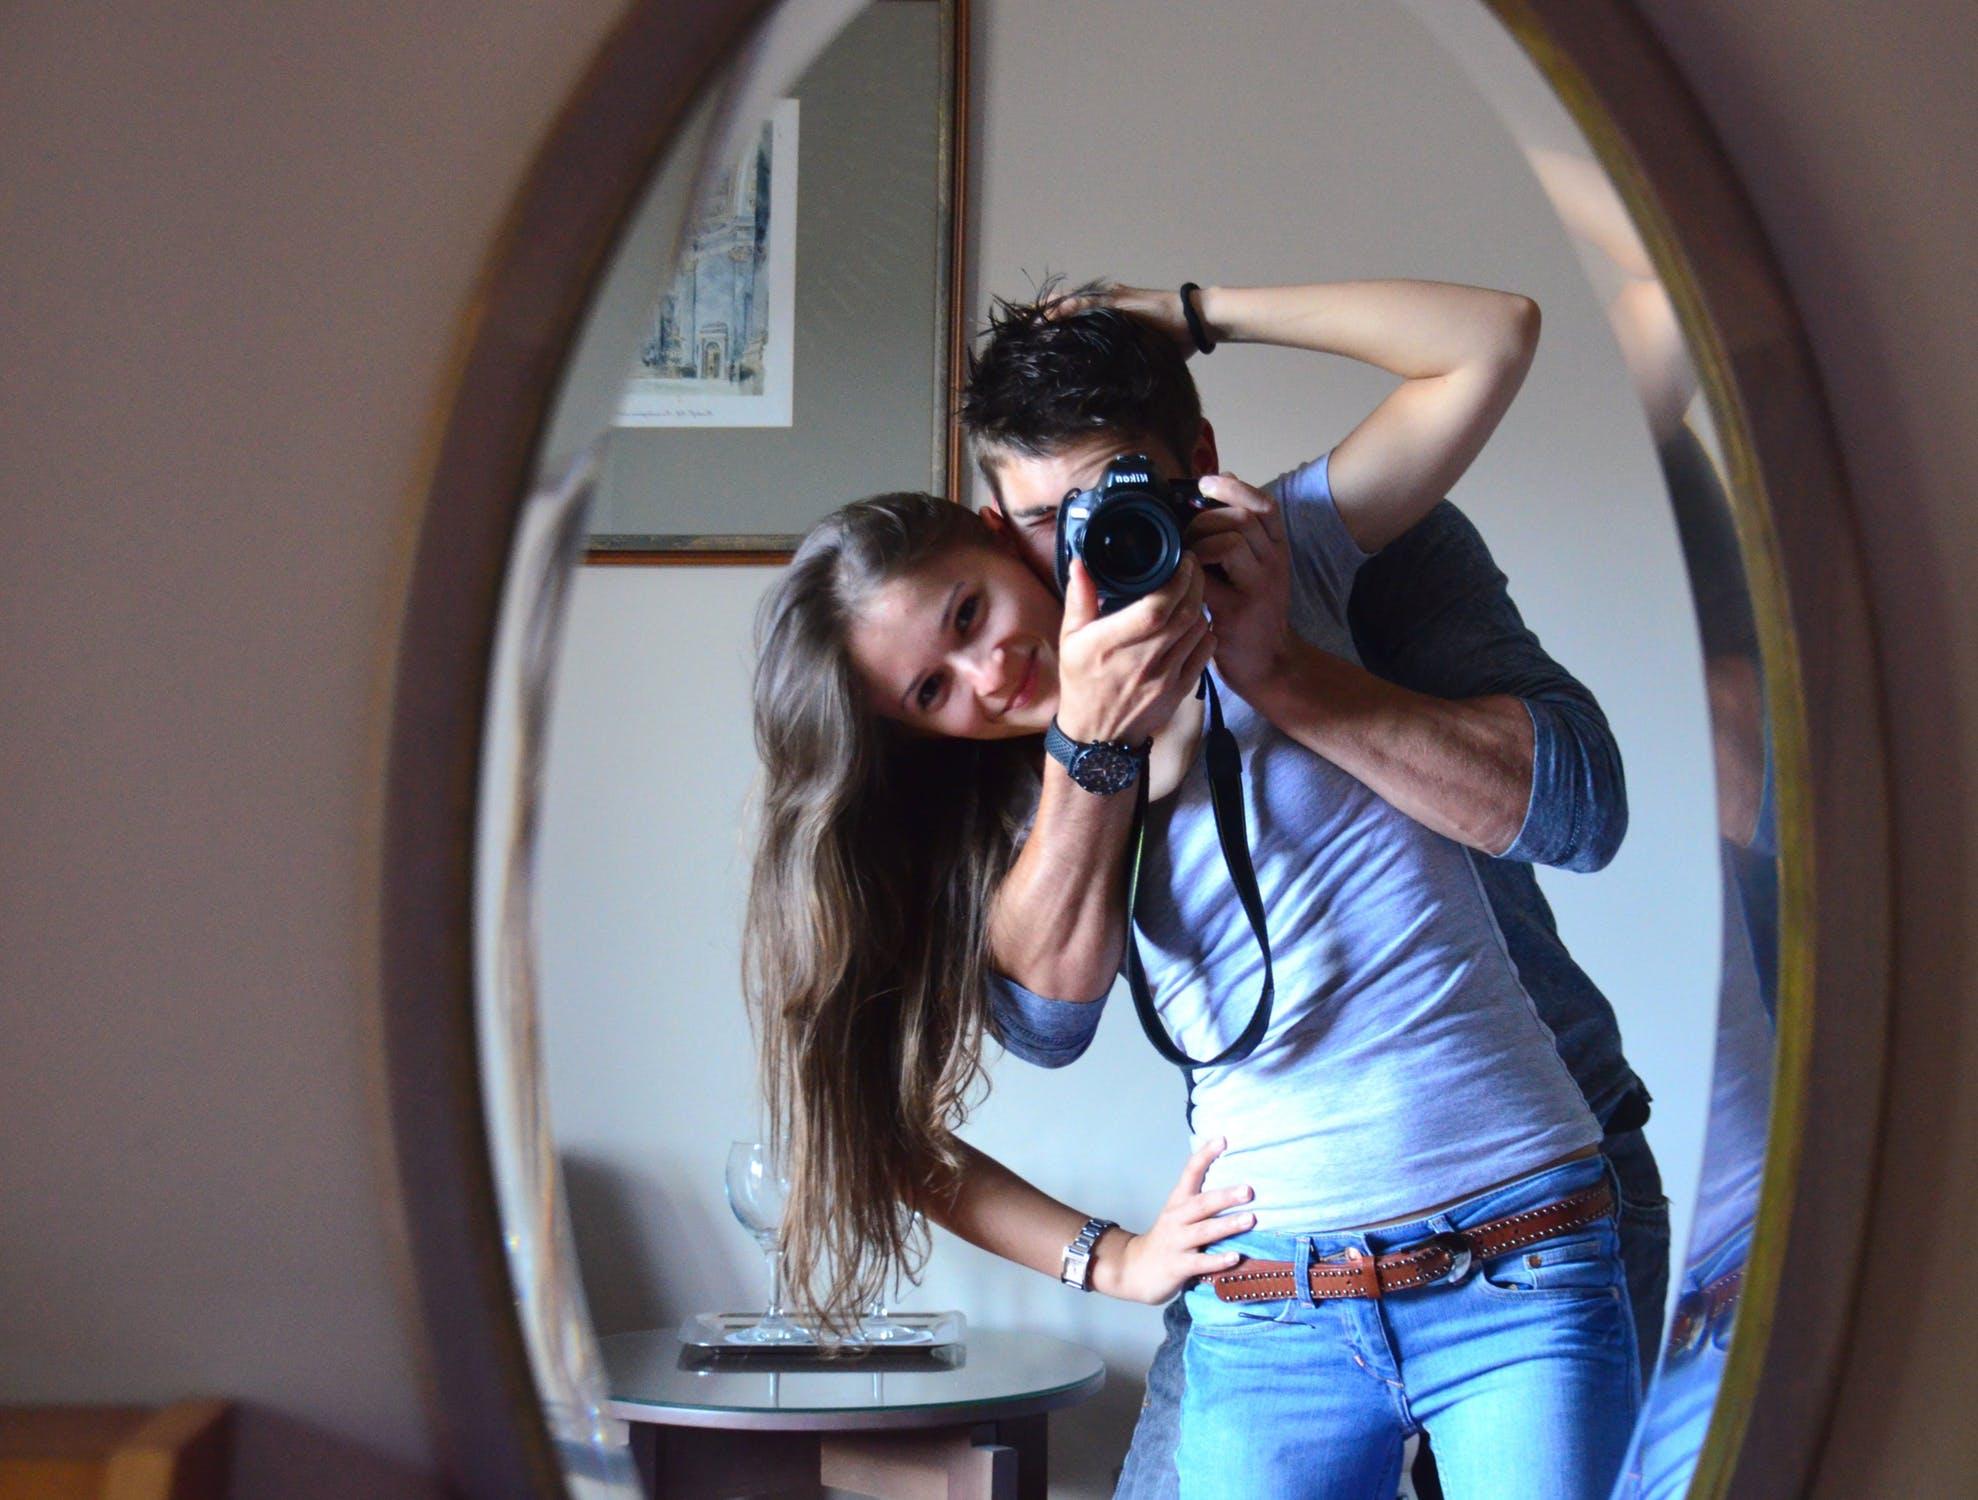 3 ting du kan lave med din kæreste derhjemme